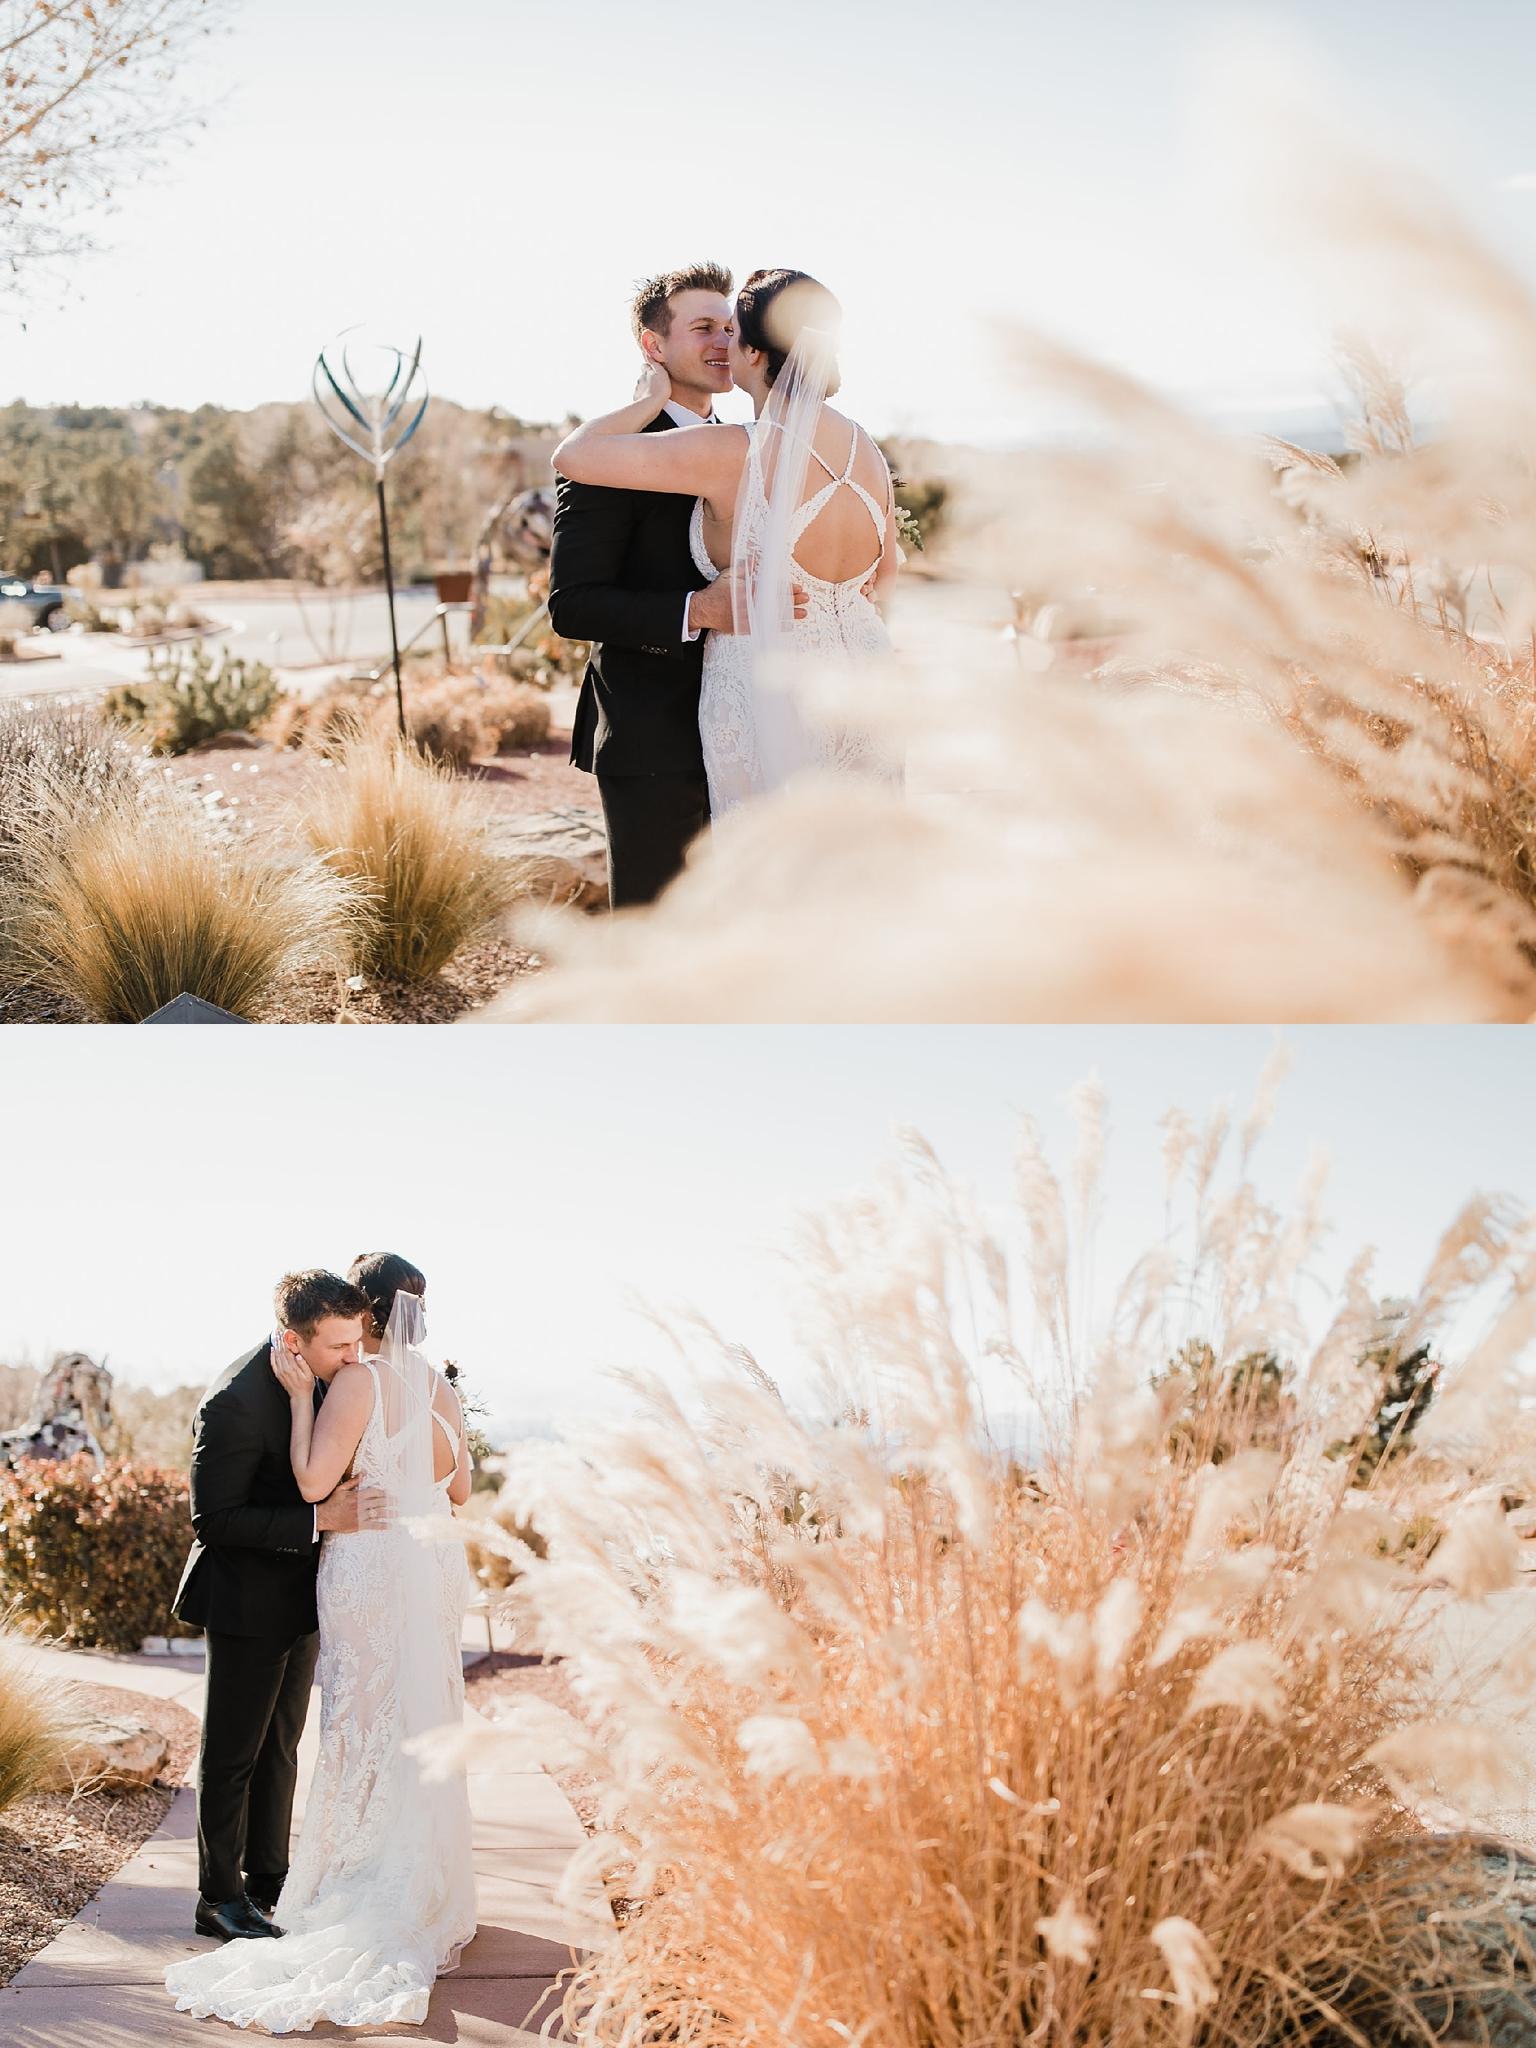 Alicia+lucia+photography+-+albuquerque+wedding+photographer+-+santa+fe+wedding+photography+-+new+mexico+wedding+photographer+-+new+mexico+wedding+-+santa+fe+wedding+-+four+seasons+wedding+-+winter+wedding_0034.jpg